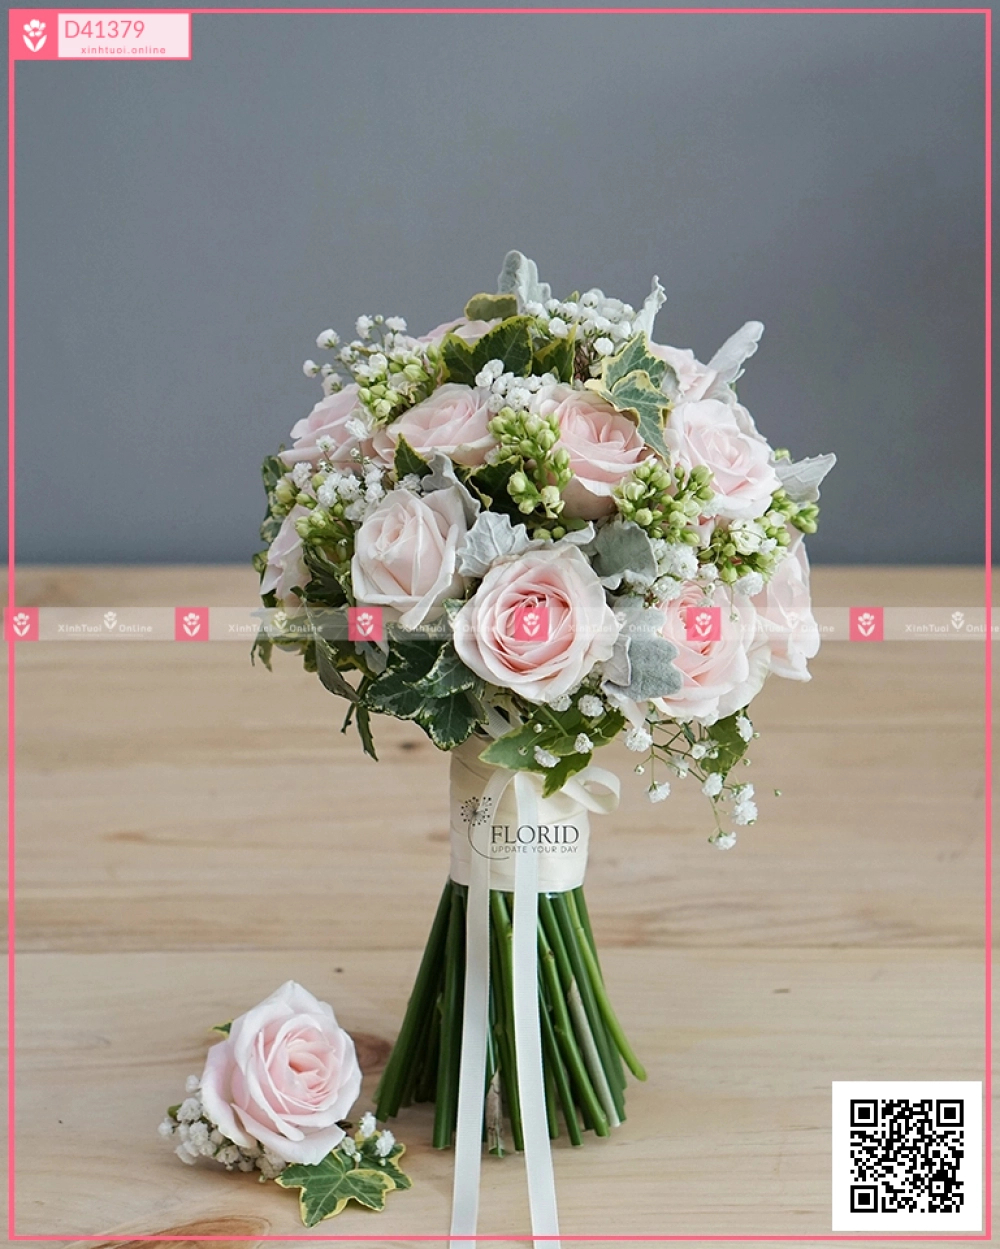 Hoa cưới 0380 - D41379 - xinhtuoi.online